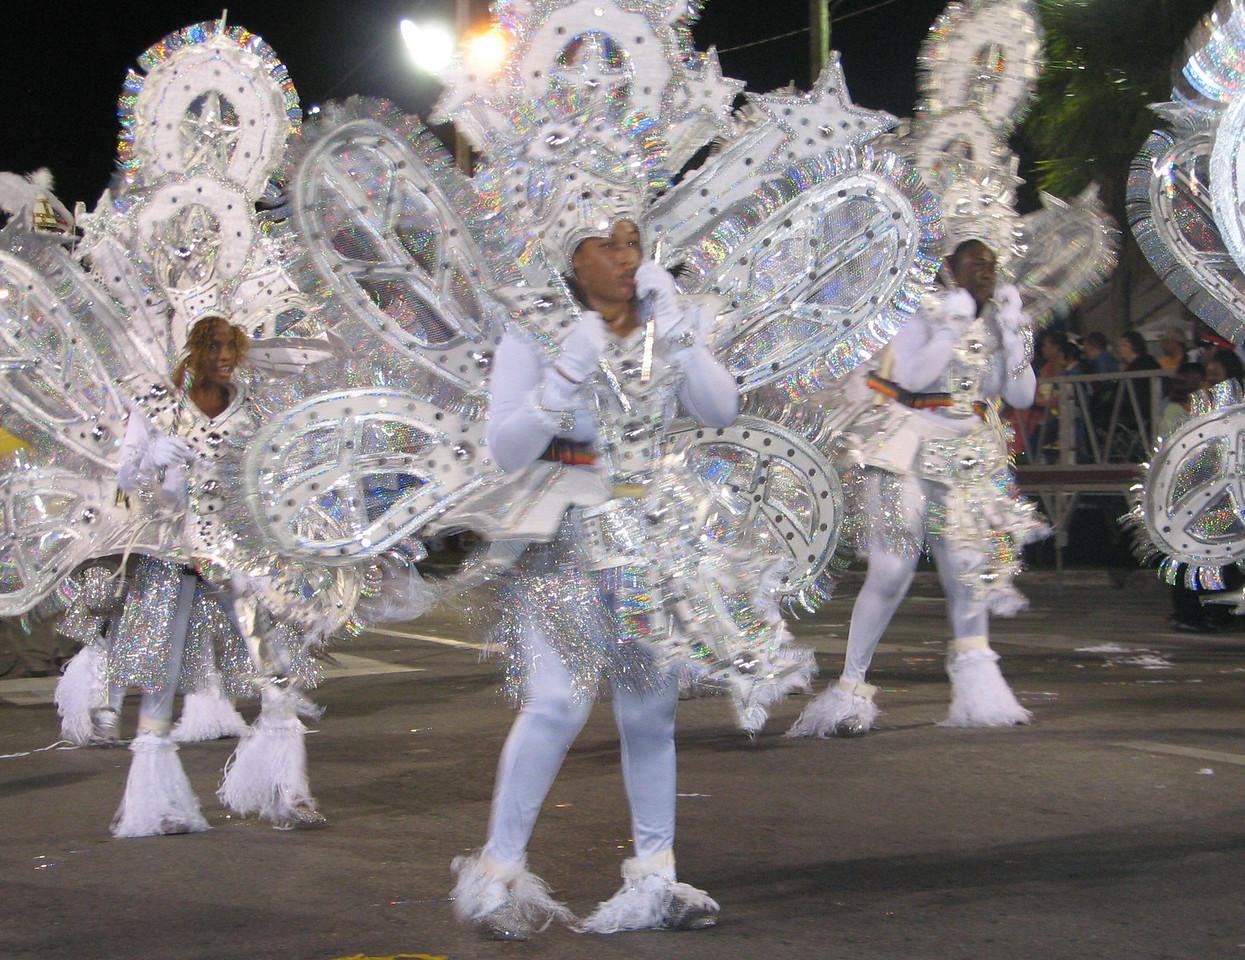 Customs for the parade are made by bahamians throughout the year.<br /> <br /> Los disfraces para el desfile son preparados por los locales durante todo el a~o.